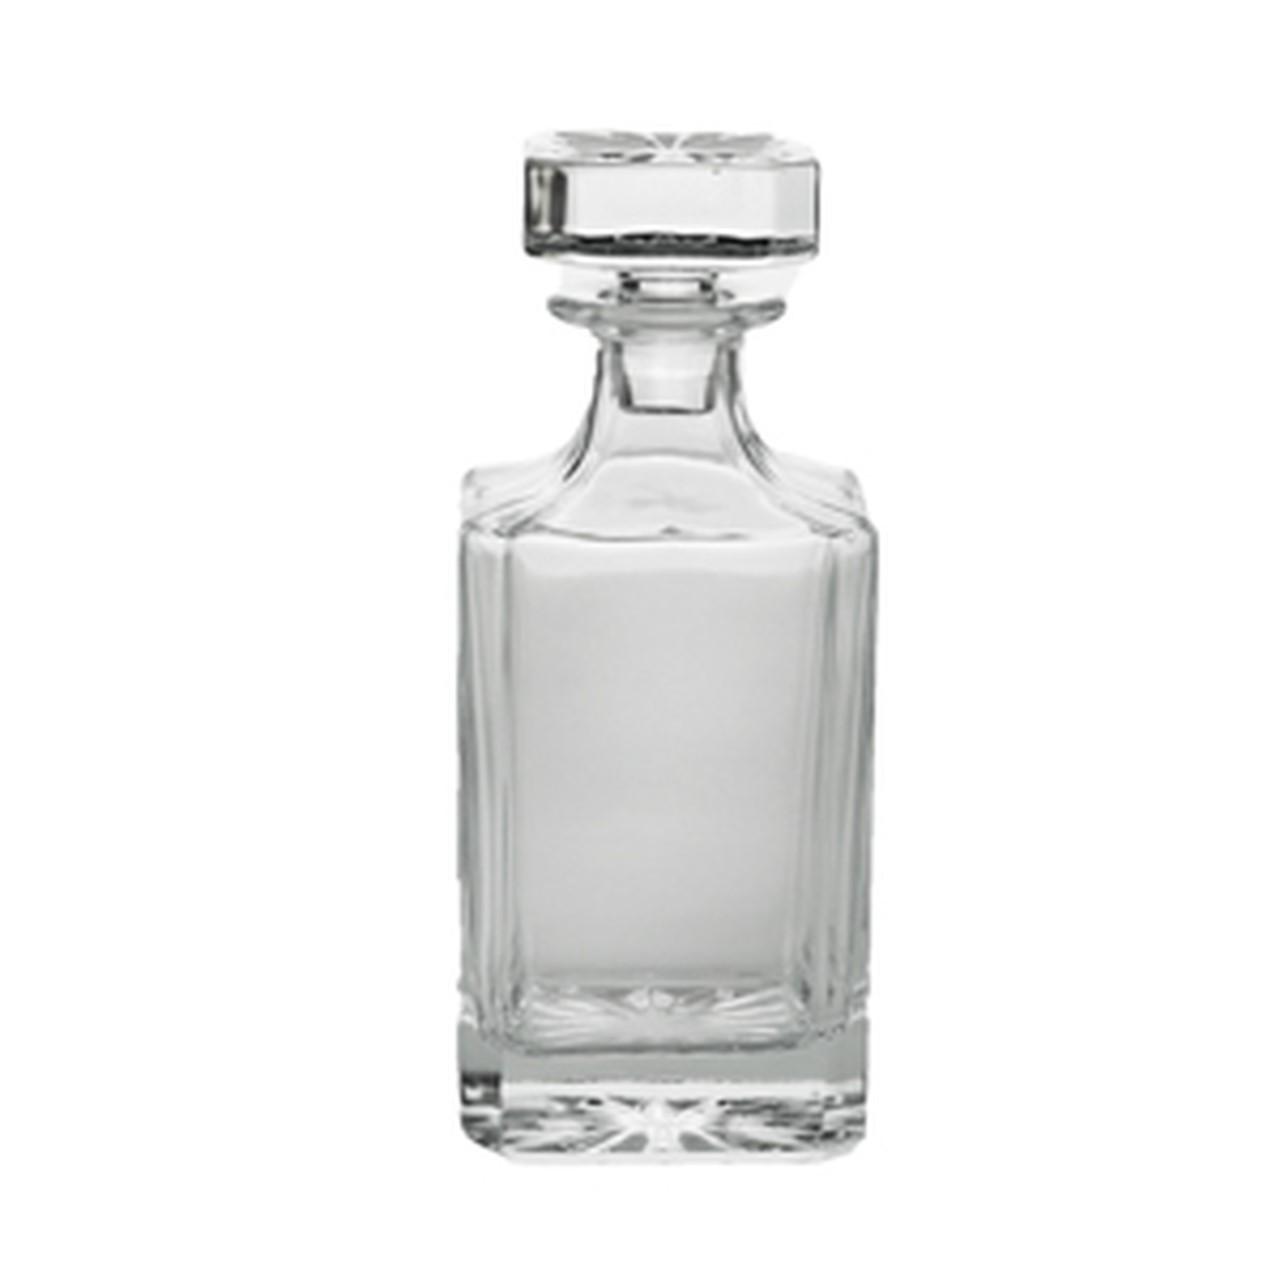 Garrafa 750ml para whisky de cristal de chumbo 27774